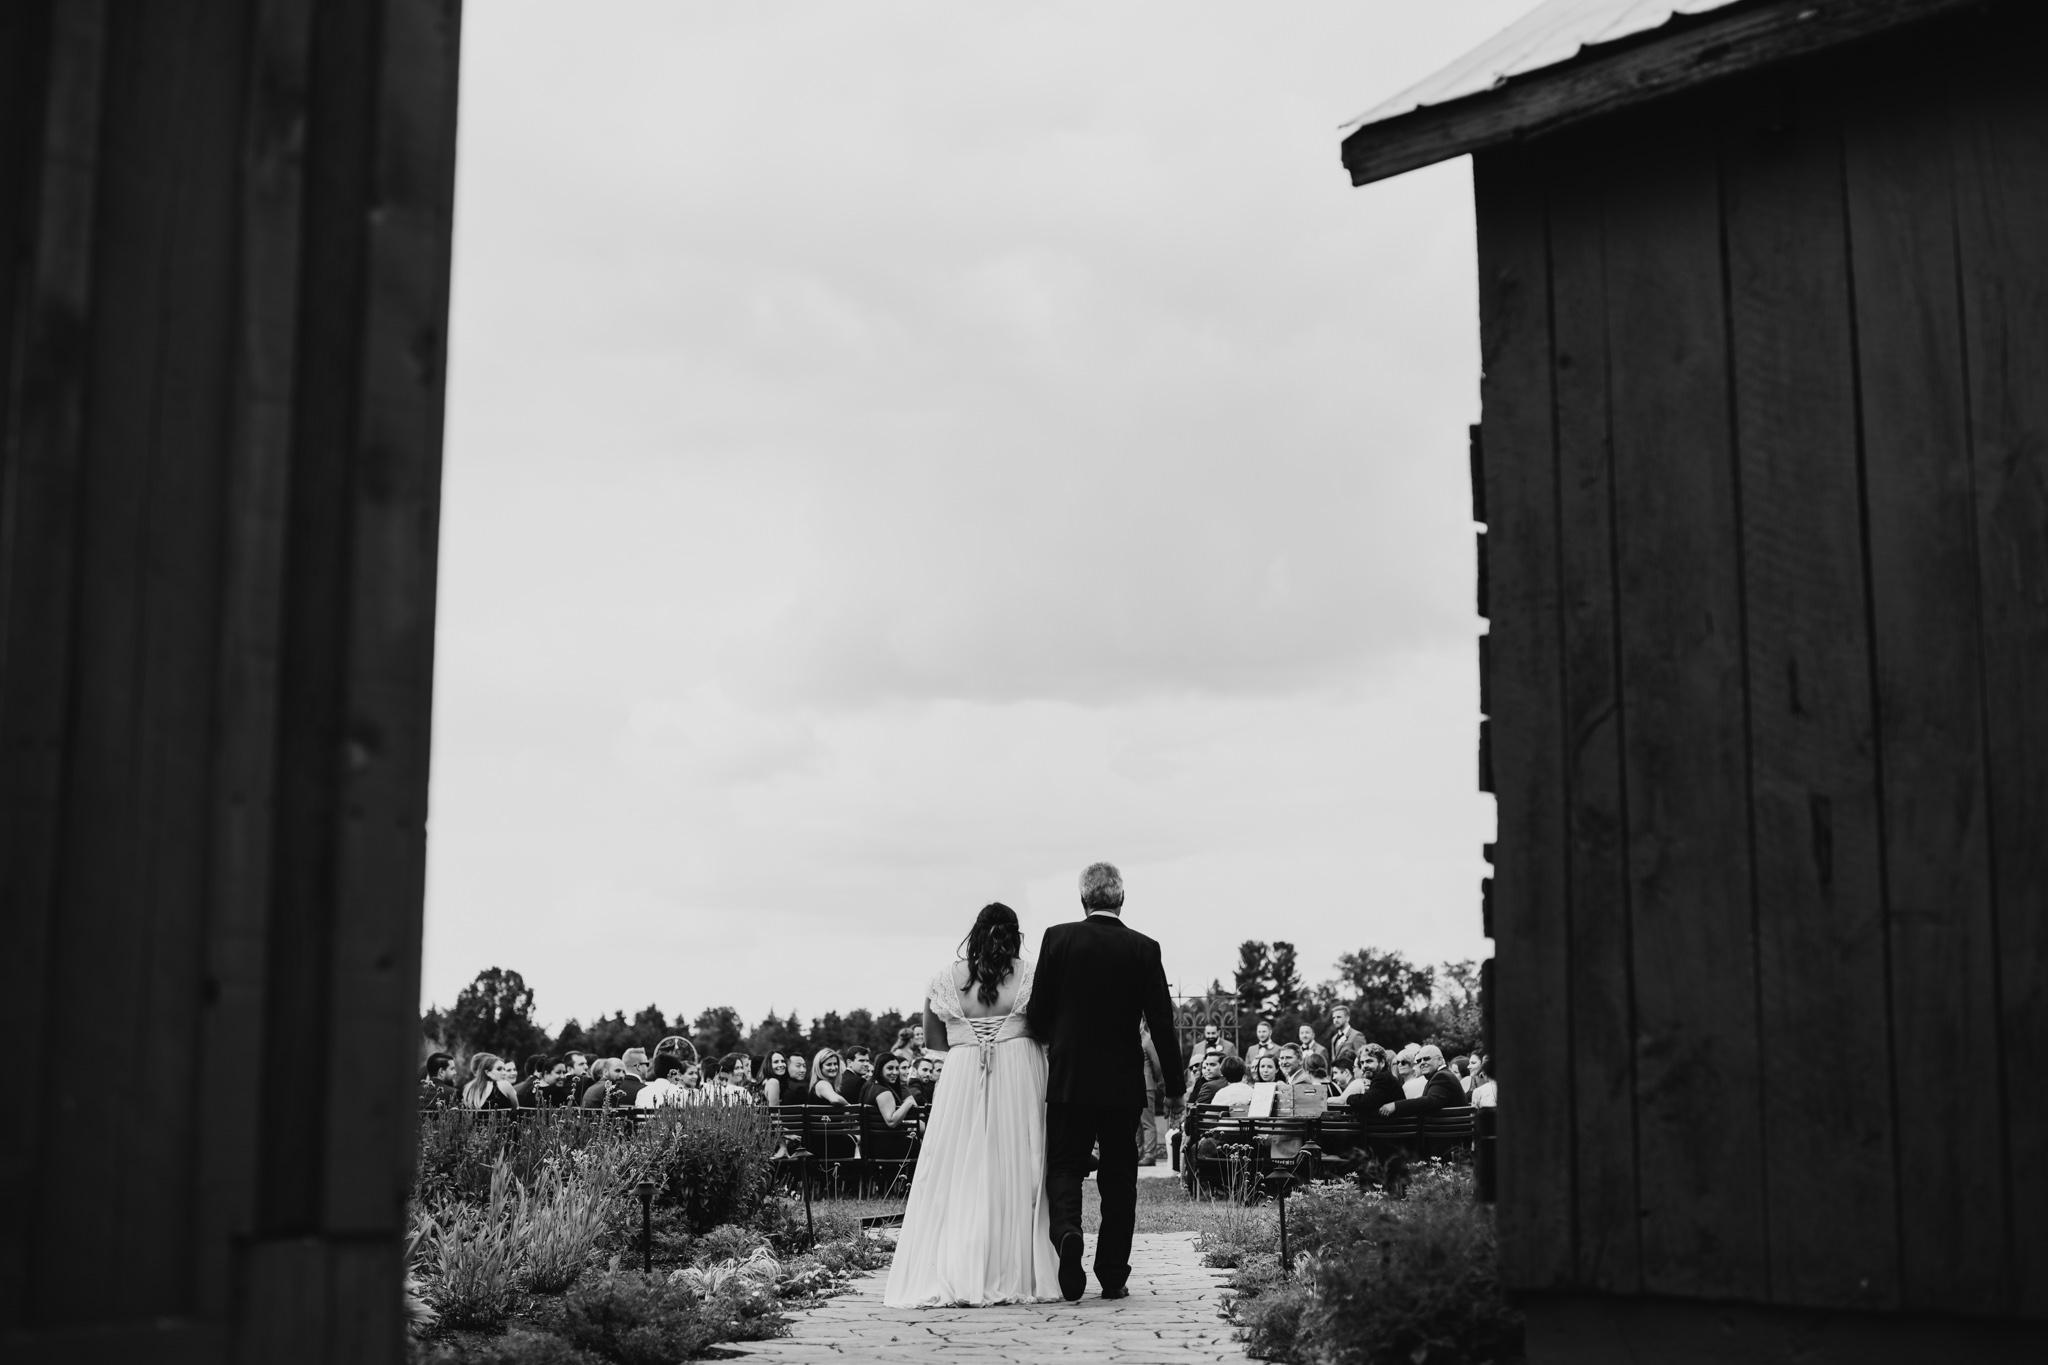 Evermore weddings, ceremony site